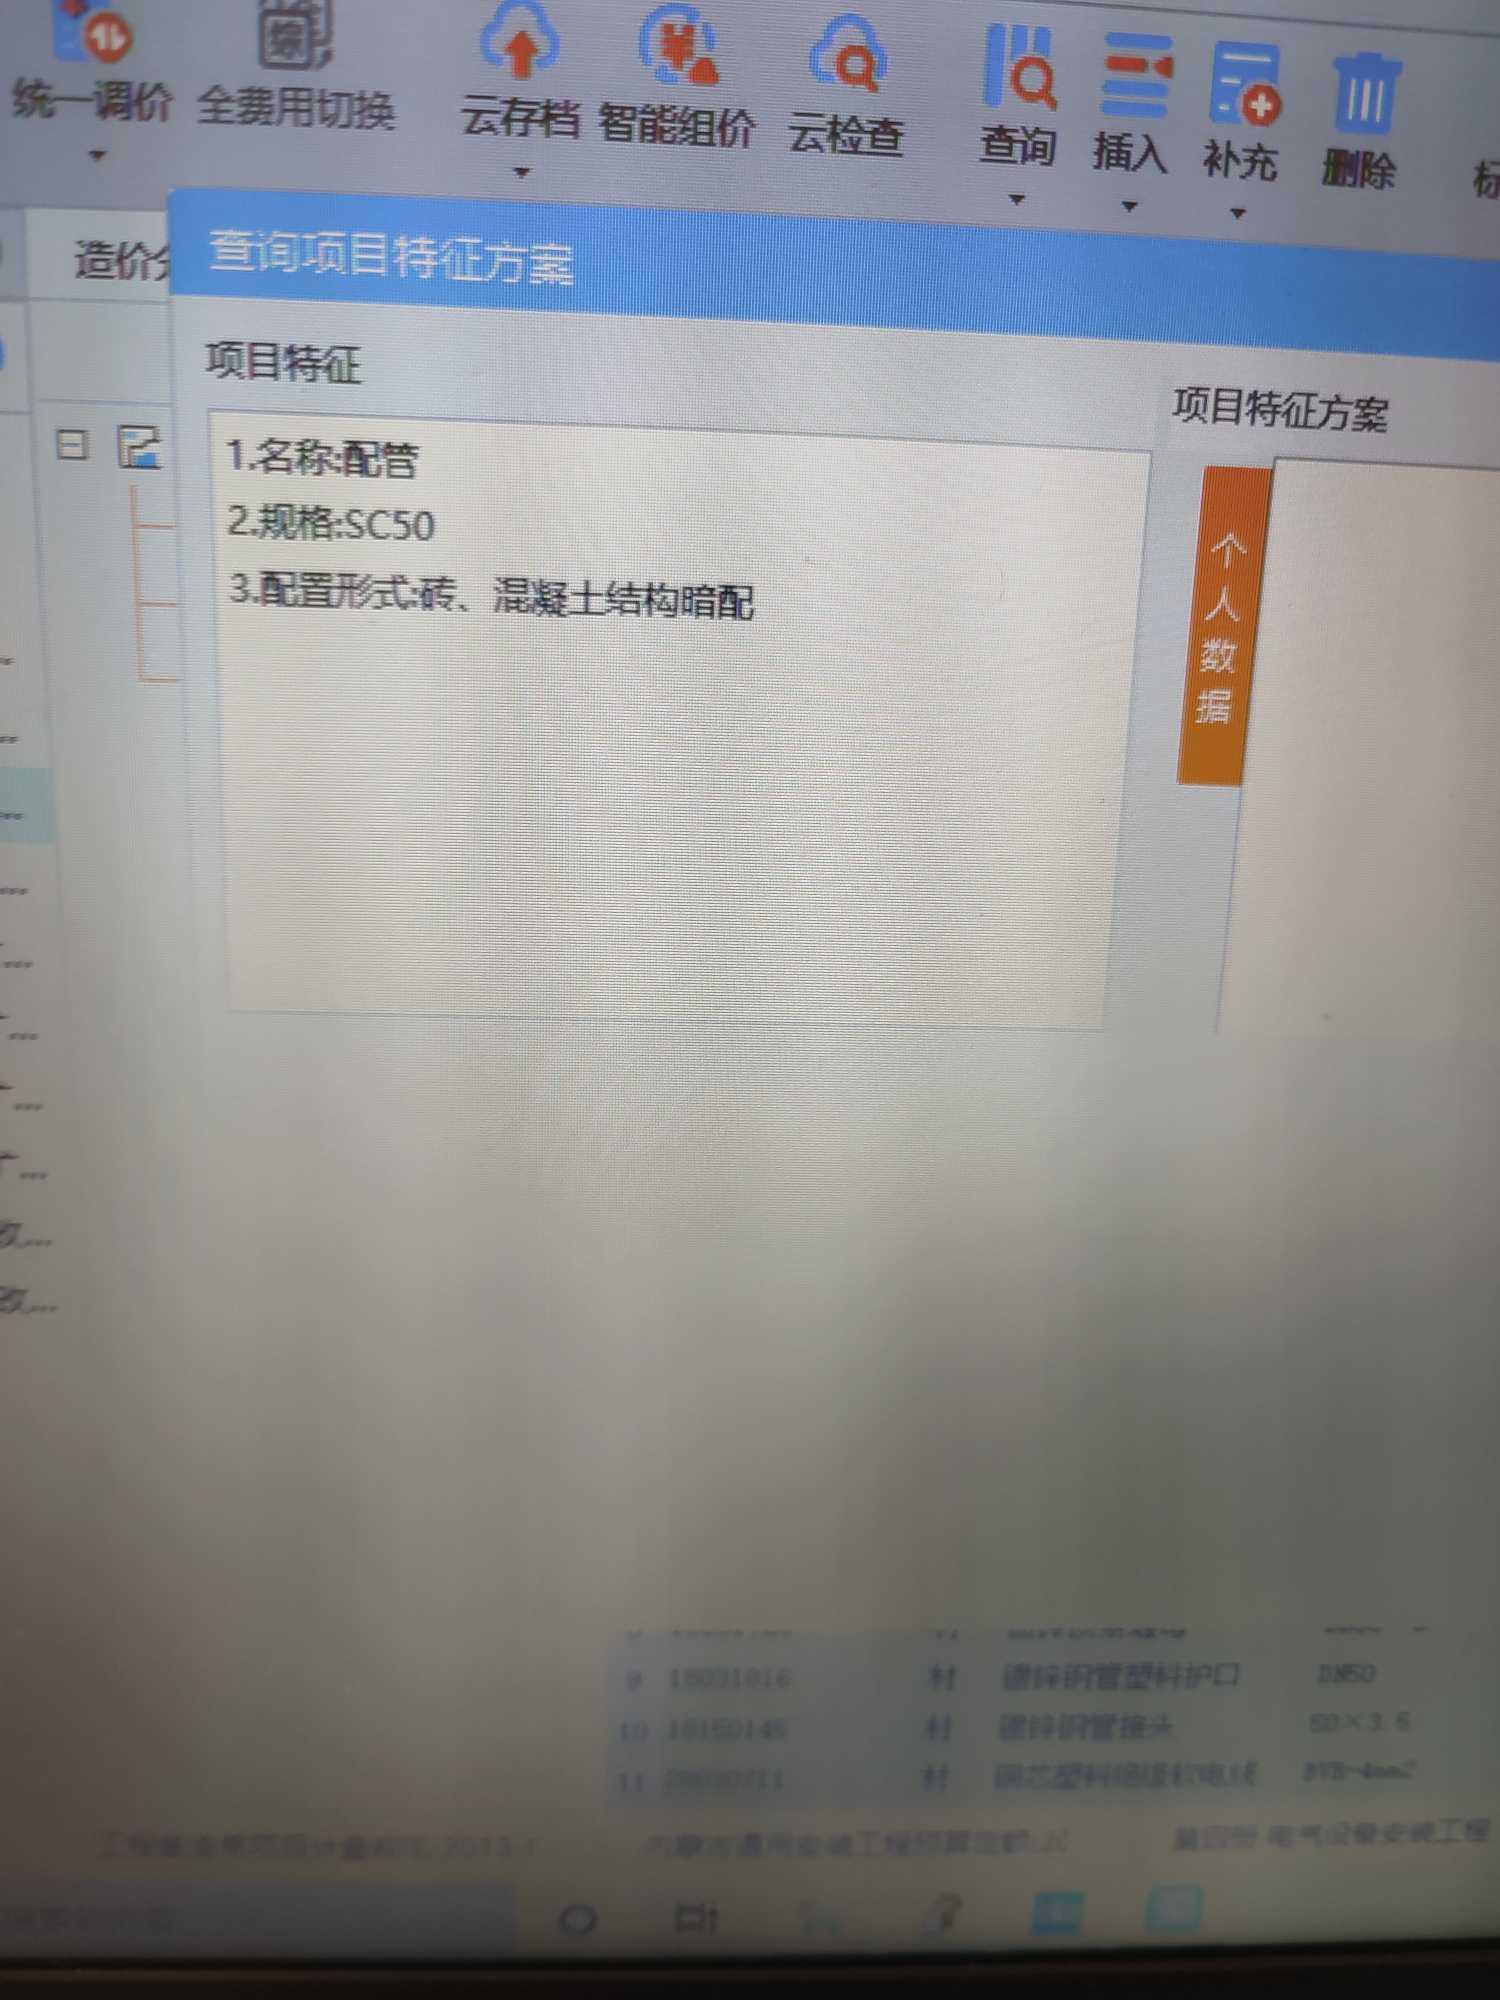 内蒙古自治区,安装,答疑:电缆配管SC50套什么定额?-内蒙古自治区安装,